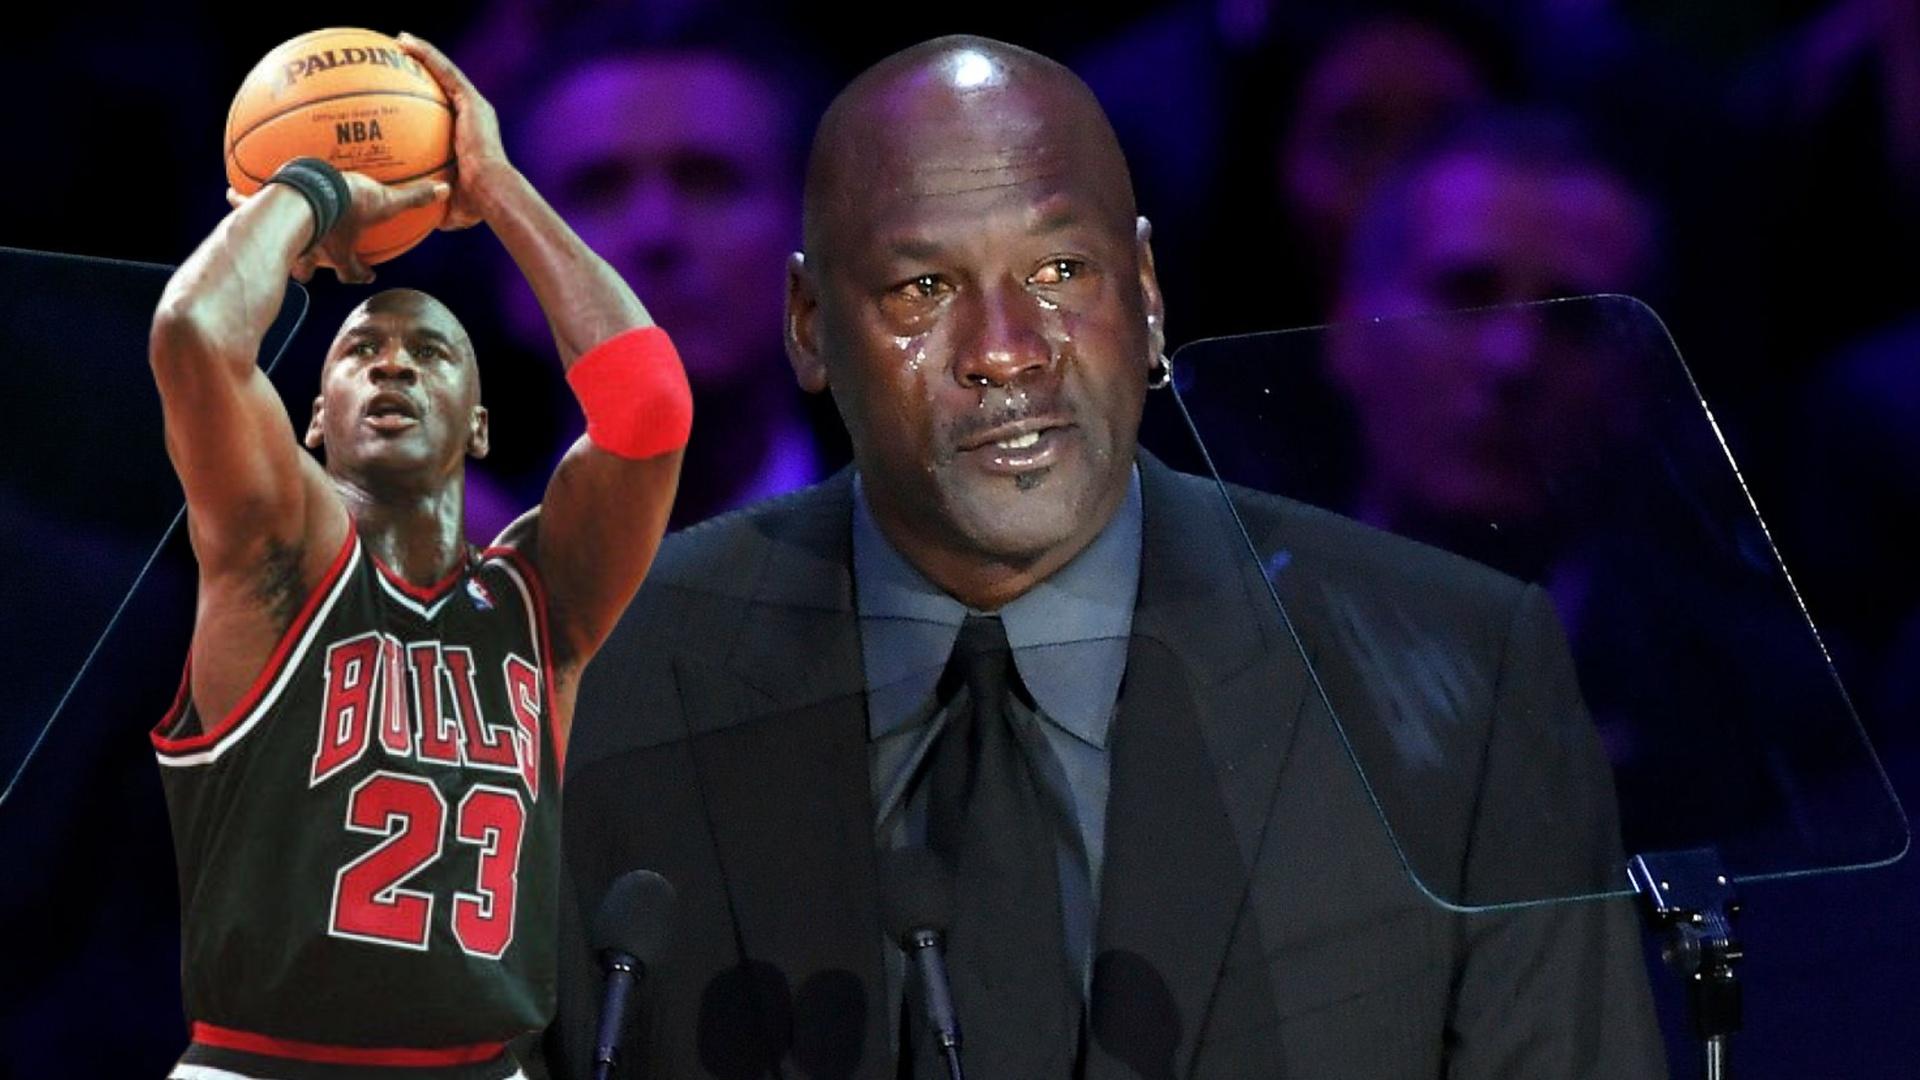 بالفيديو.. أسطورة كرة السلة مايكل جوردان يجهش بالبكاء في تأبين براينت